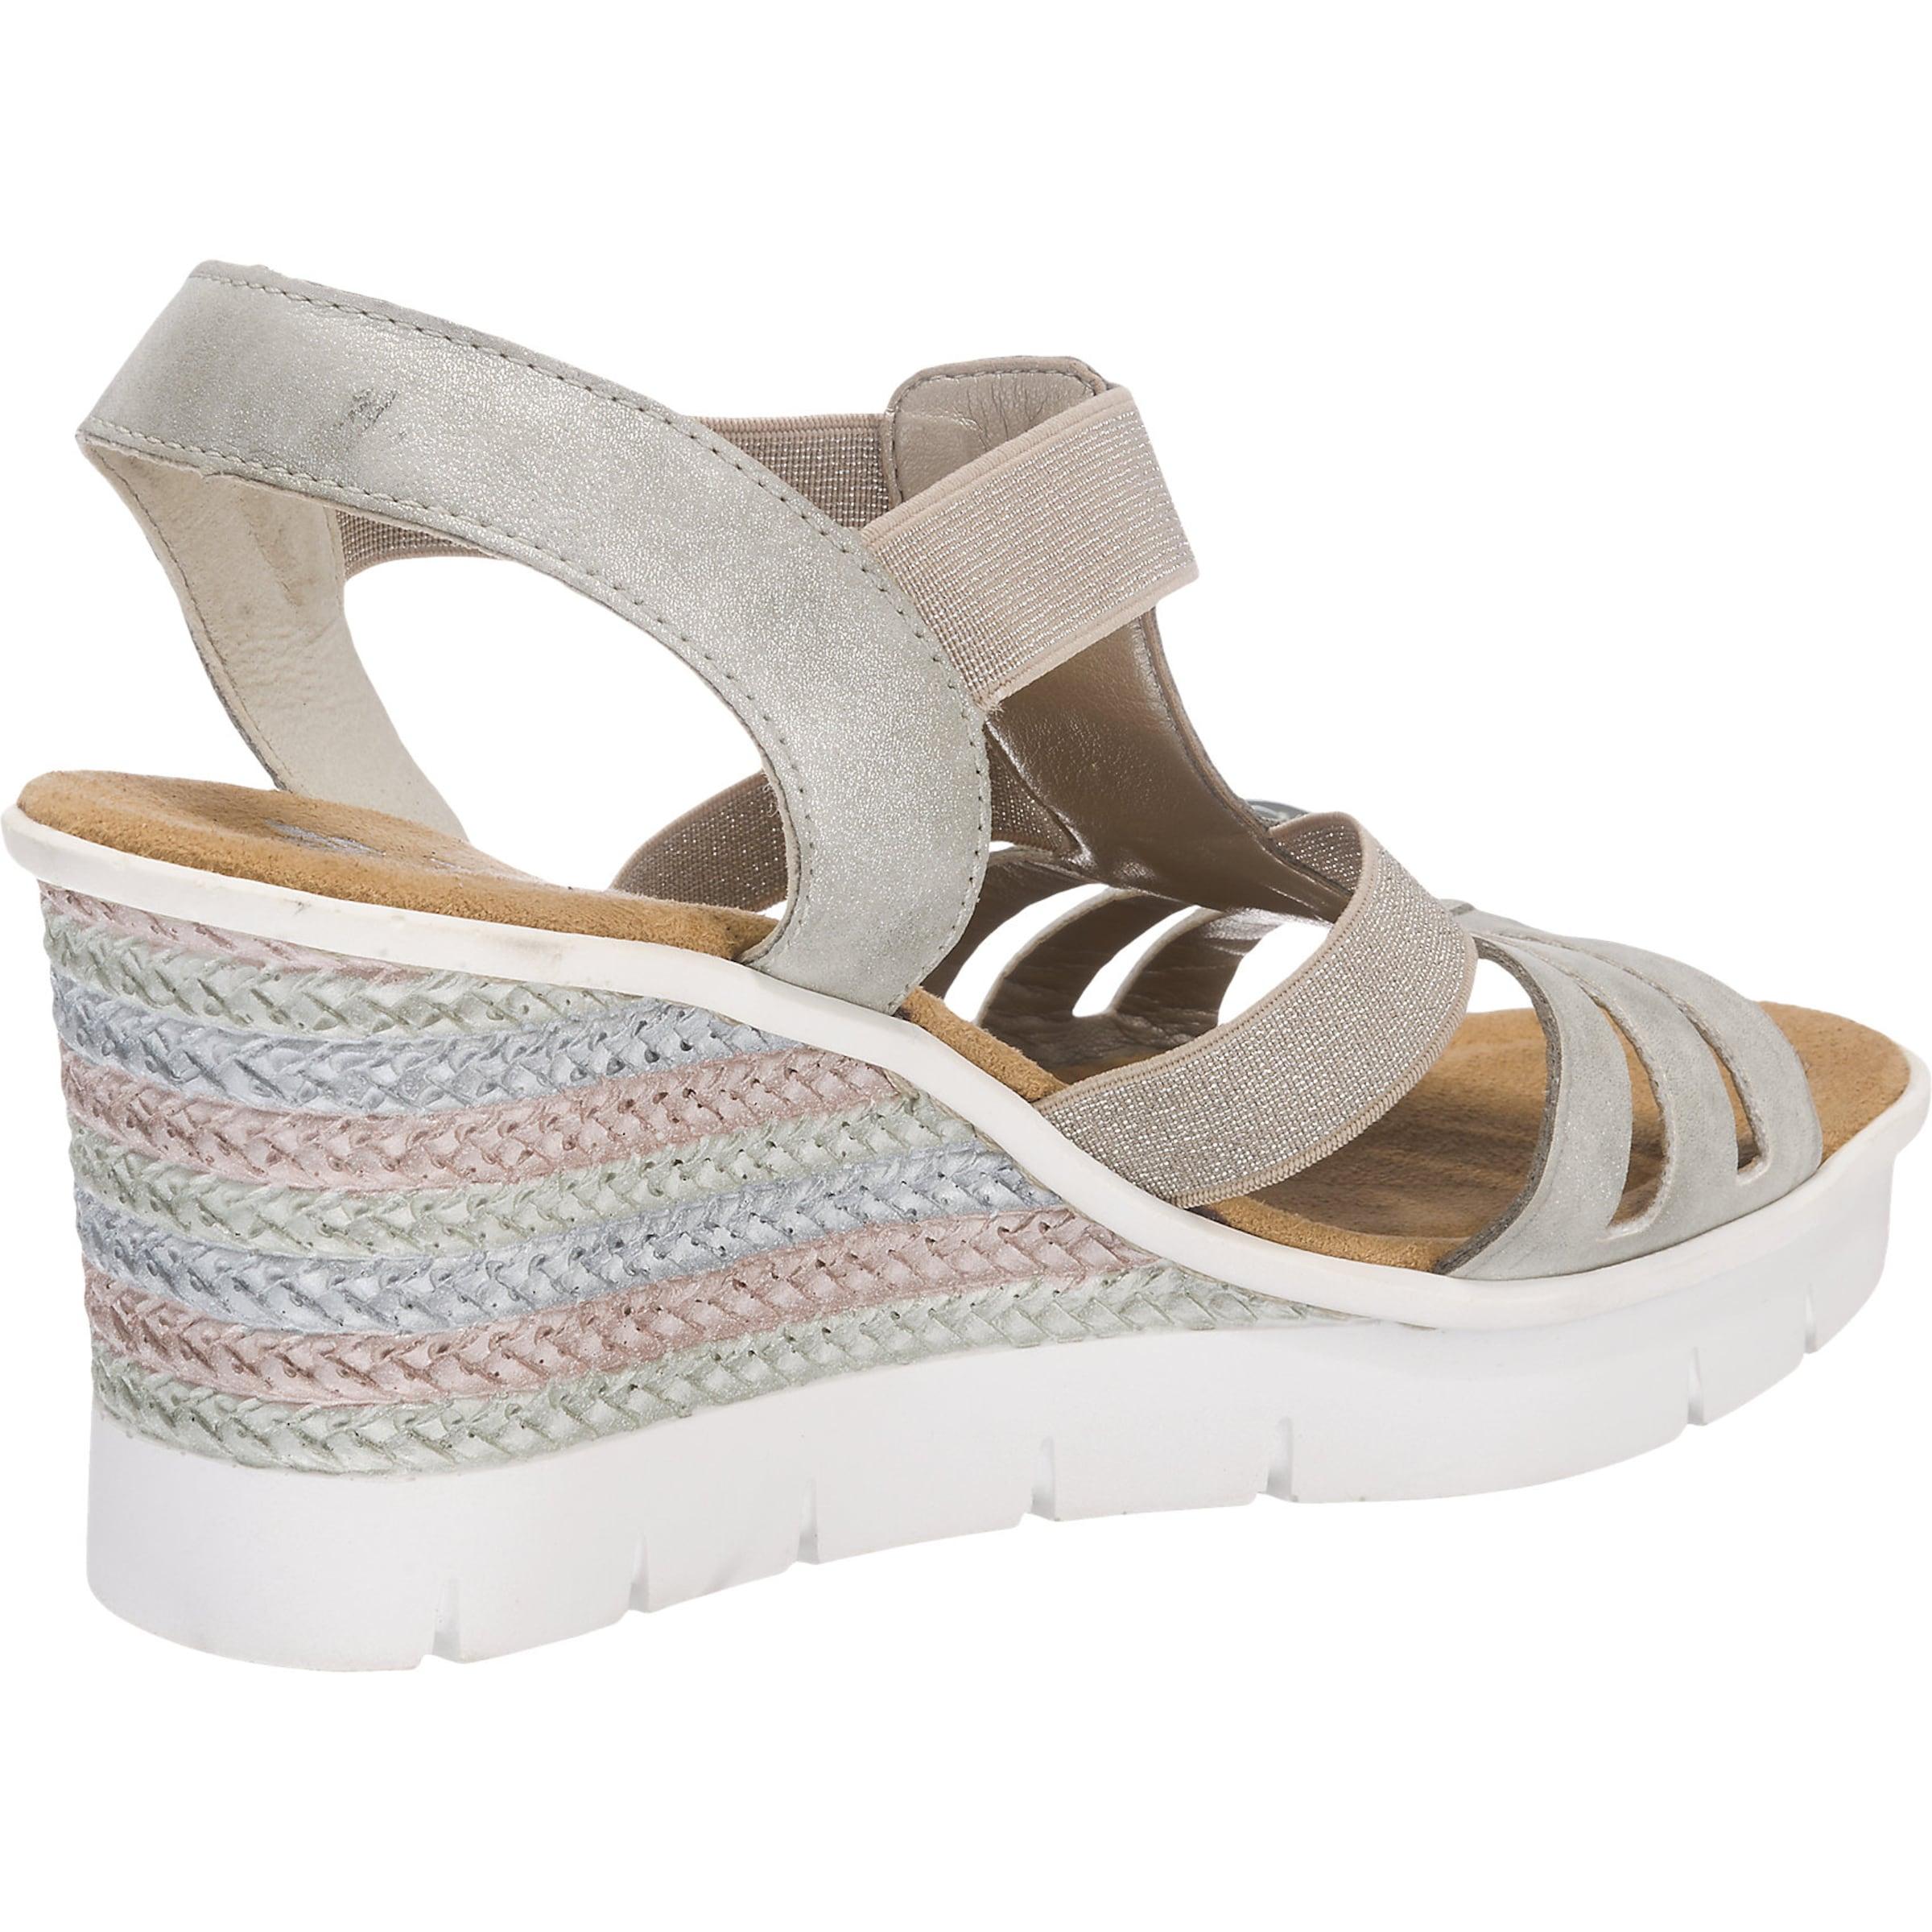 RIEKER Sandaletten Neue Stile Günstig Online Preiswerte Reale Eastbay Outlet Beste Geschäft Zu Bekommen Frei Versendende Qualität Niedriger Preis Billig Verkauf Erschwinglich FxKcS